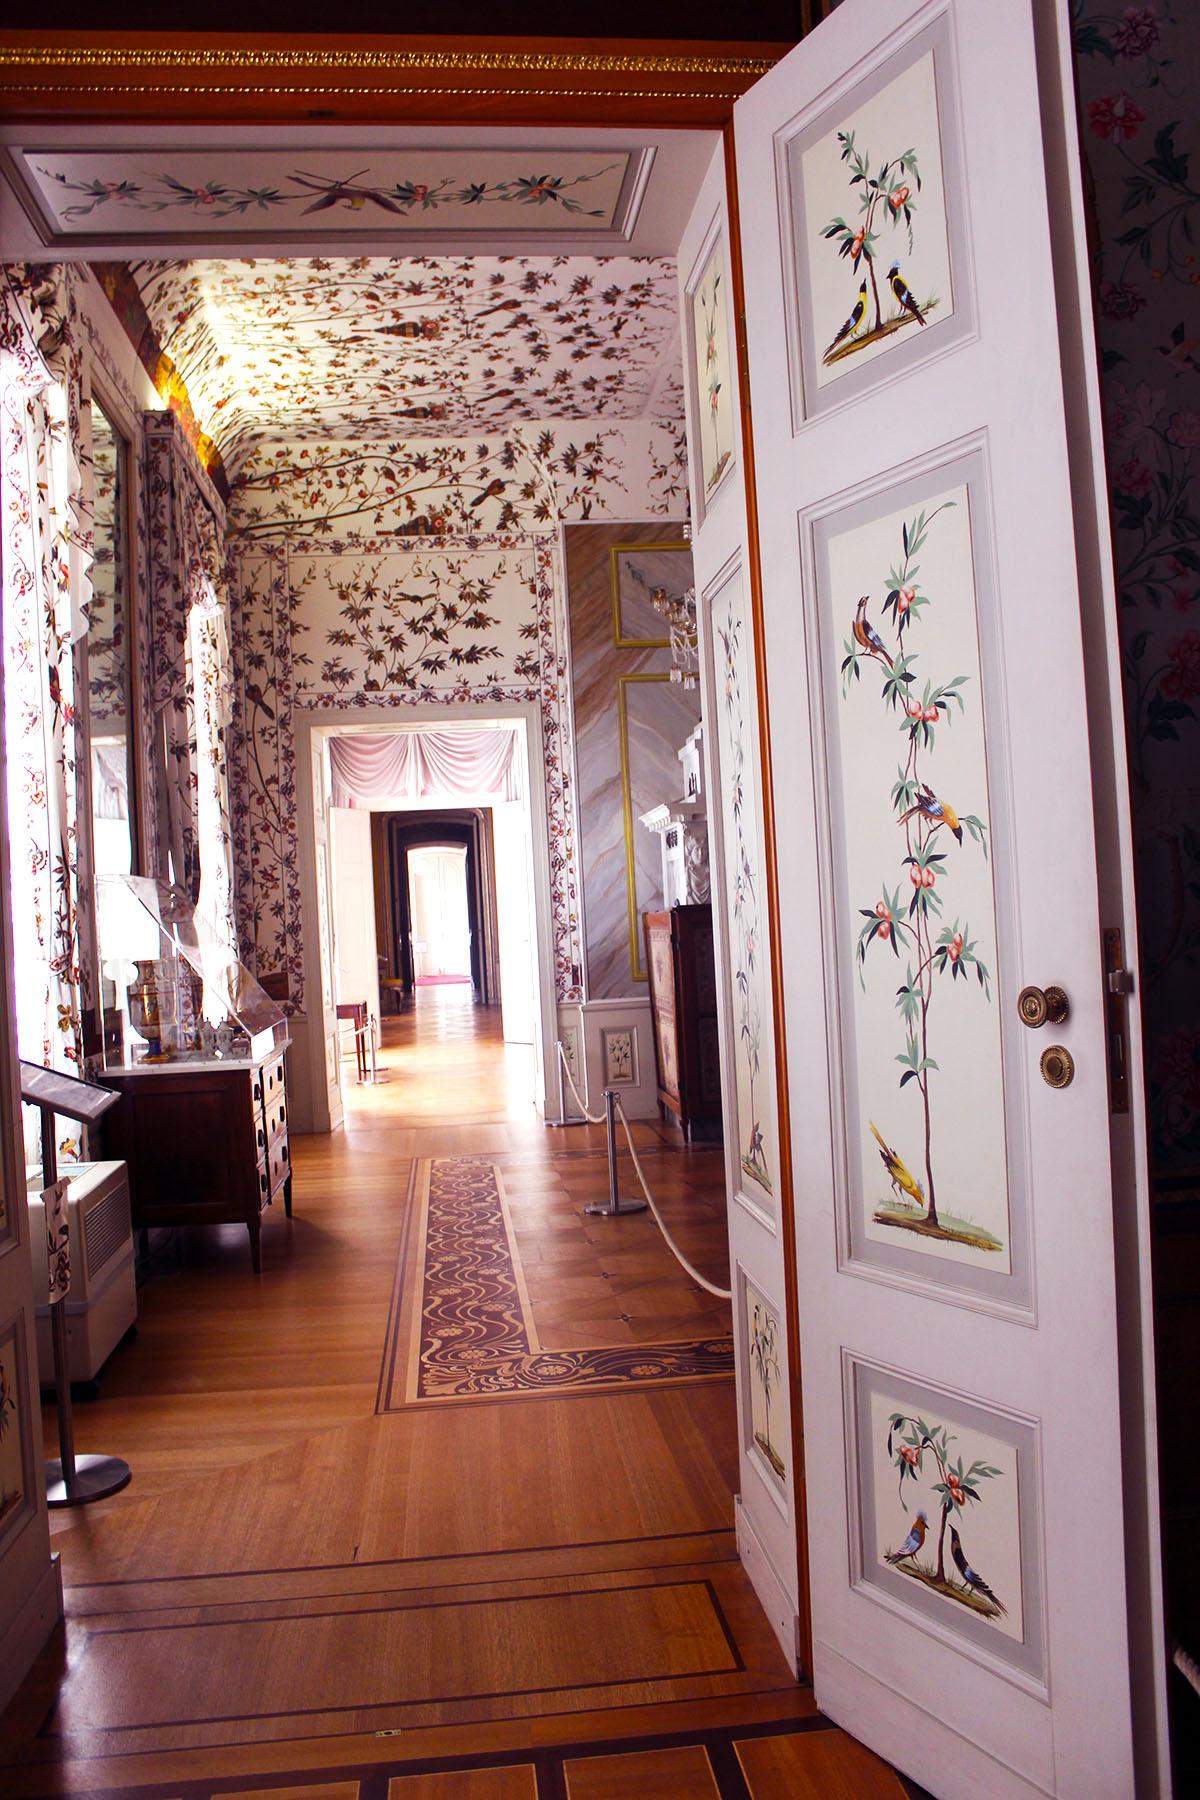 Schloss Charlottenbeurg